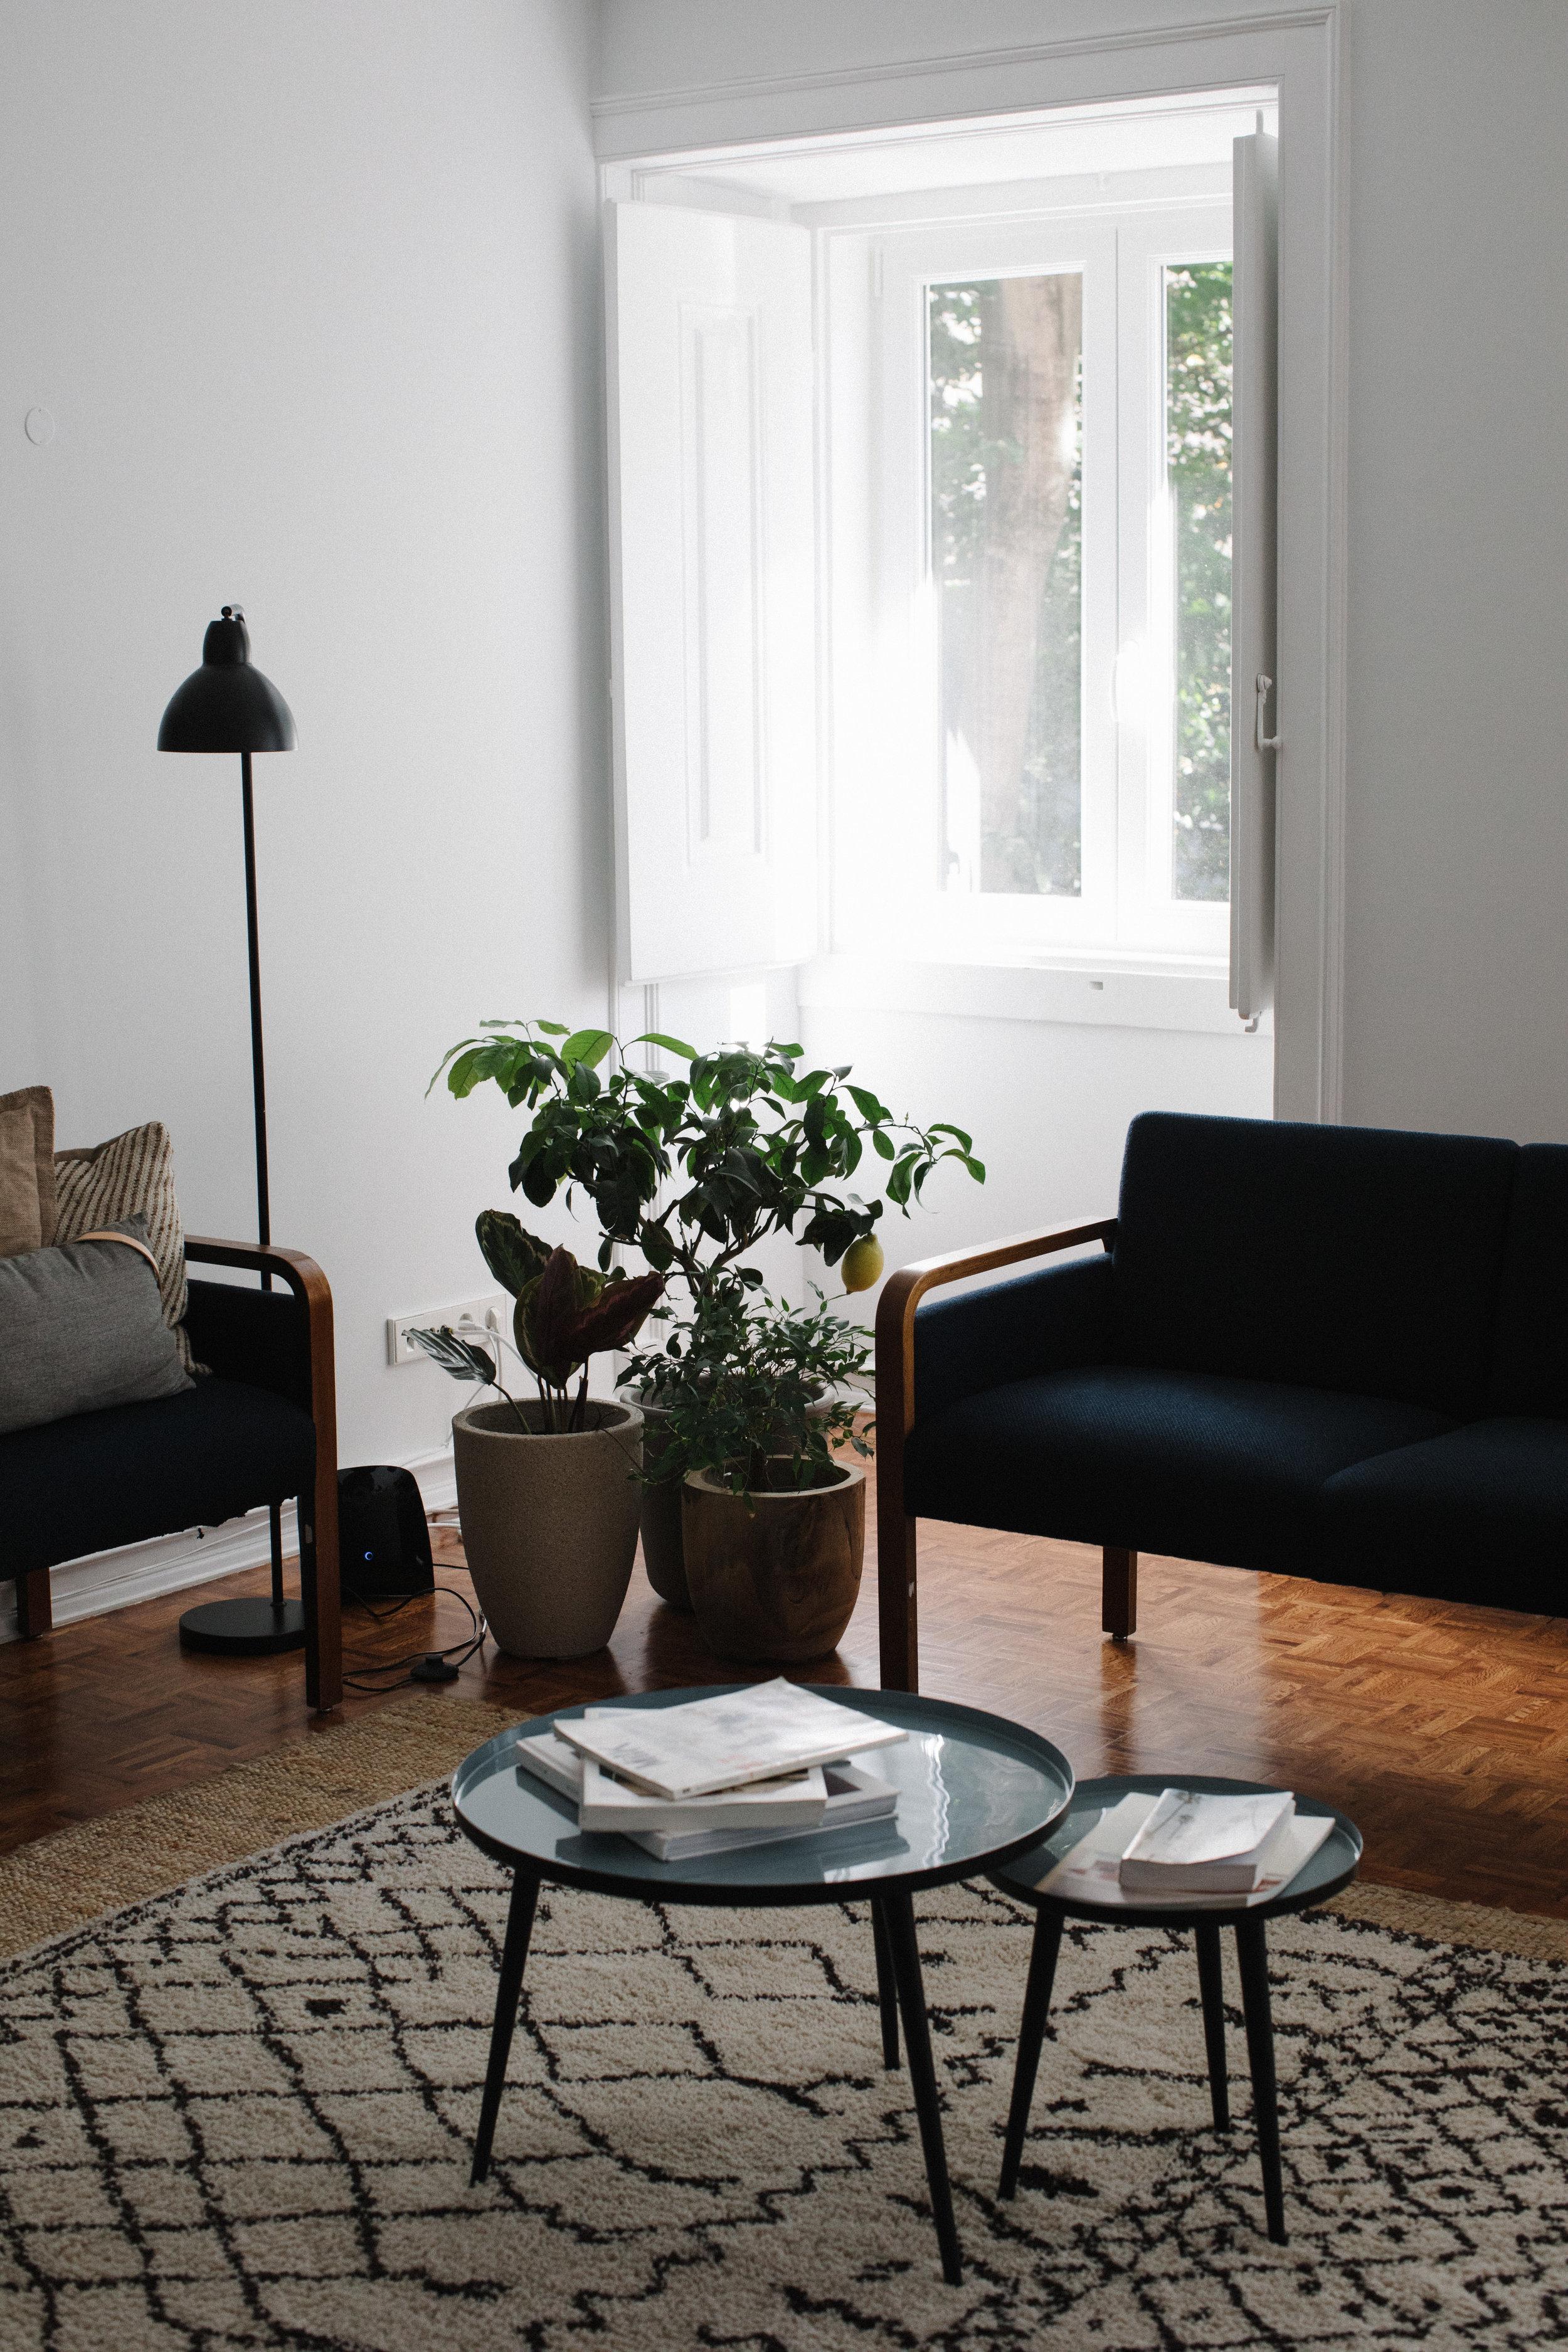 Portugal_Lisbon_A Casa Calma_Dining Table-5.jpg